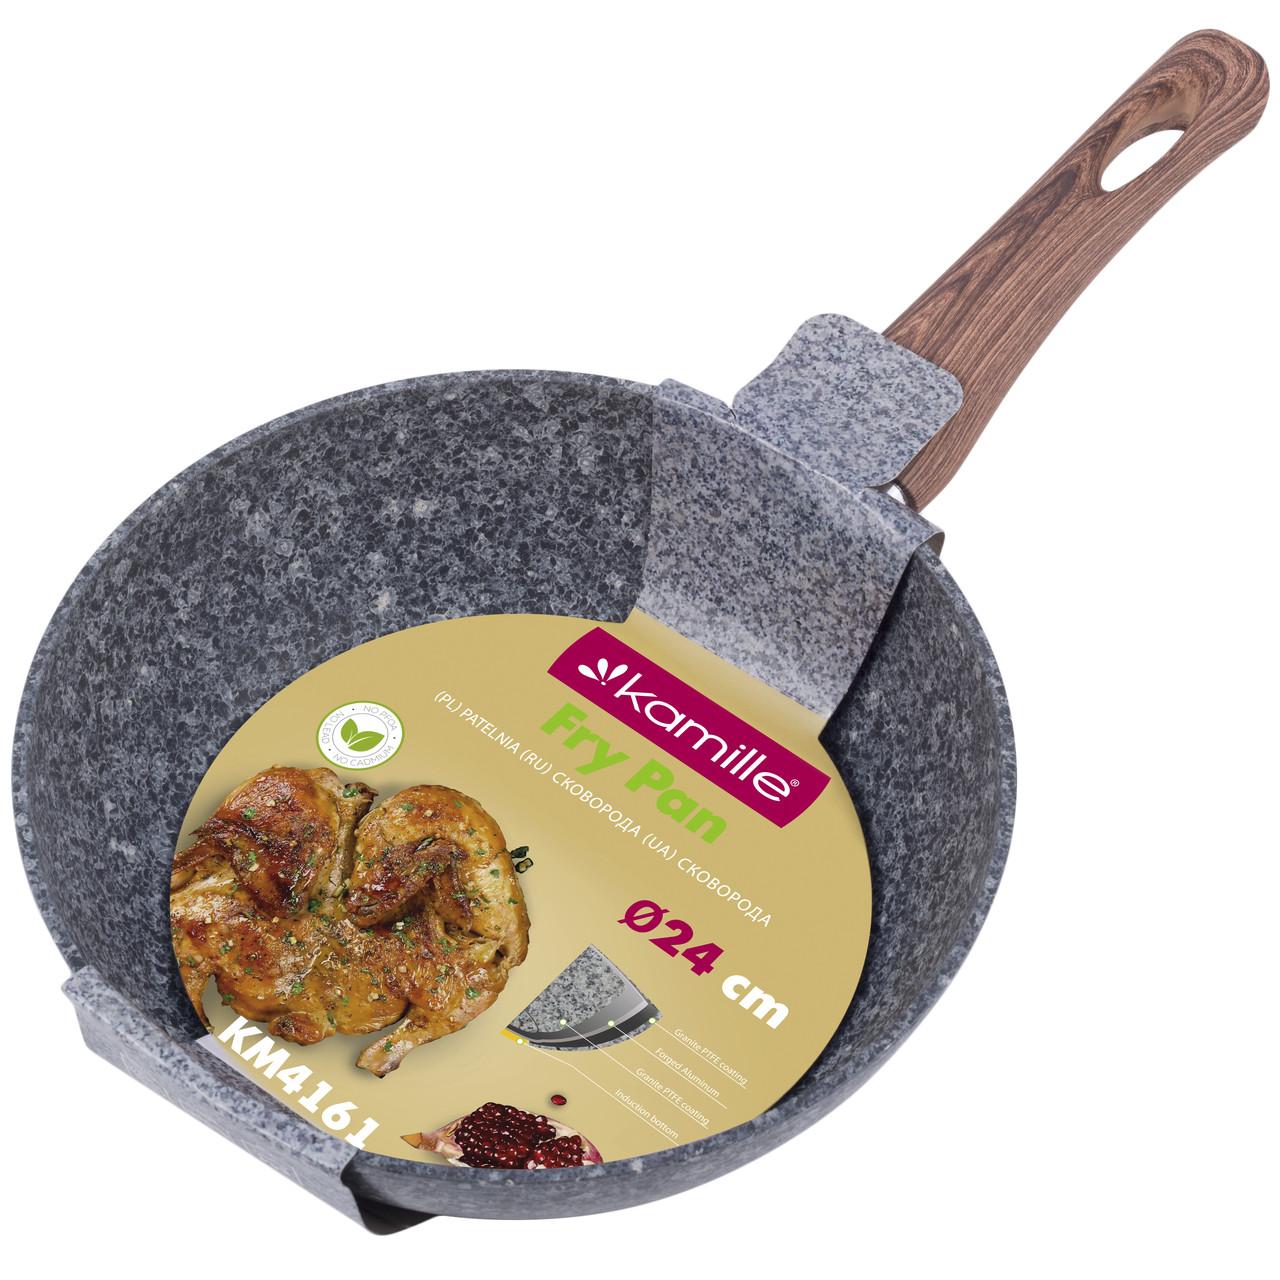 Сковорода Kamille 24см с антипригарным покрытием PTFE из алюминия для индукции и газа KM-4161